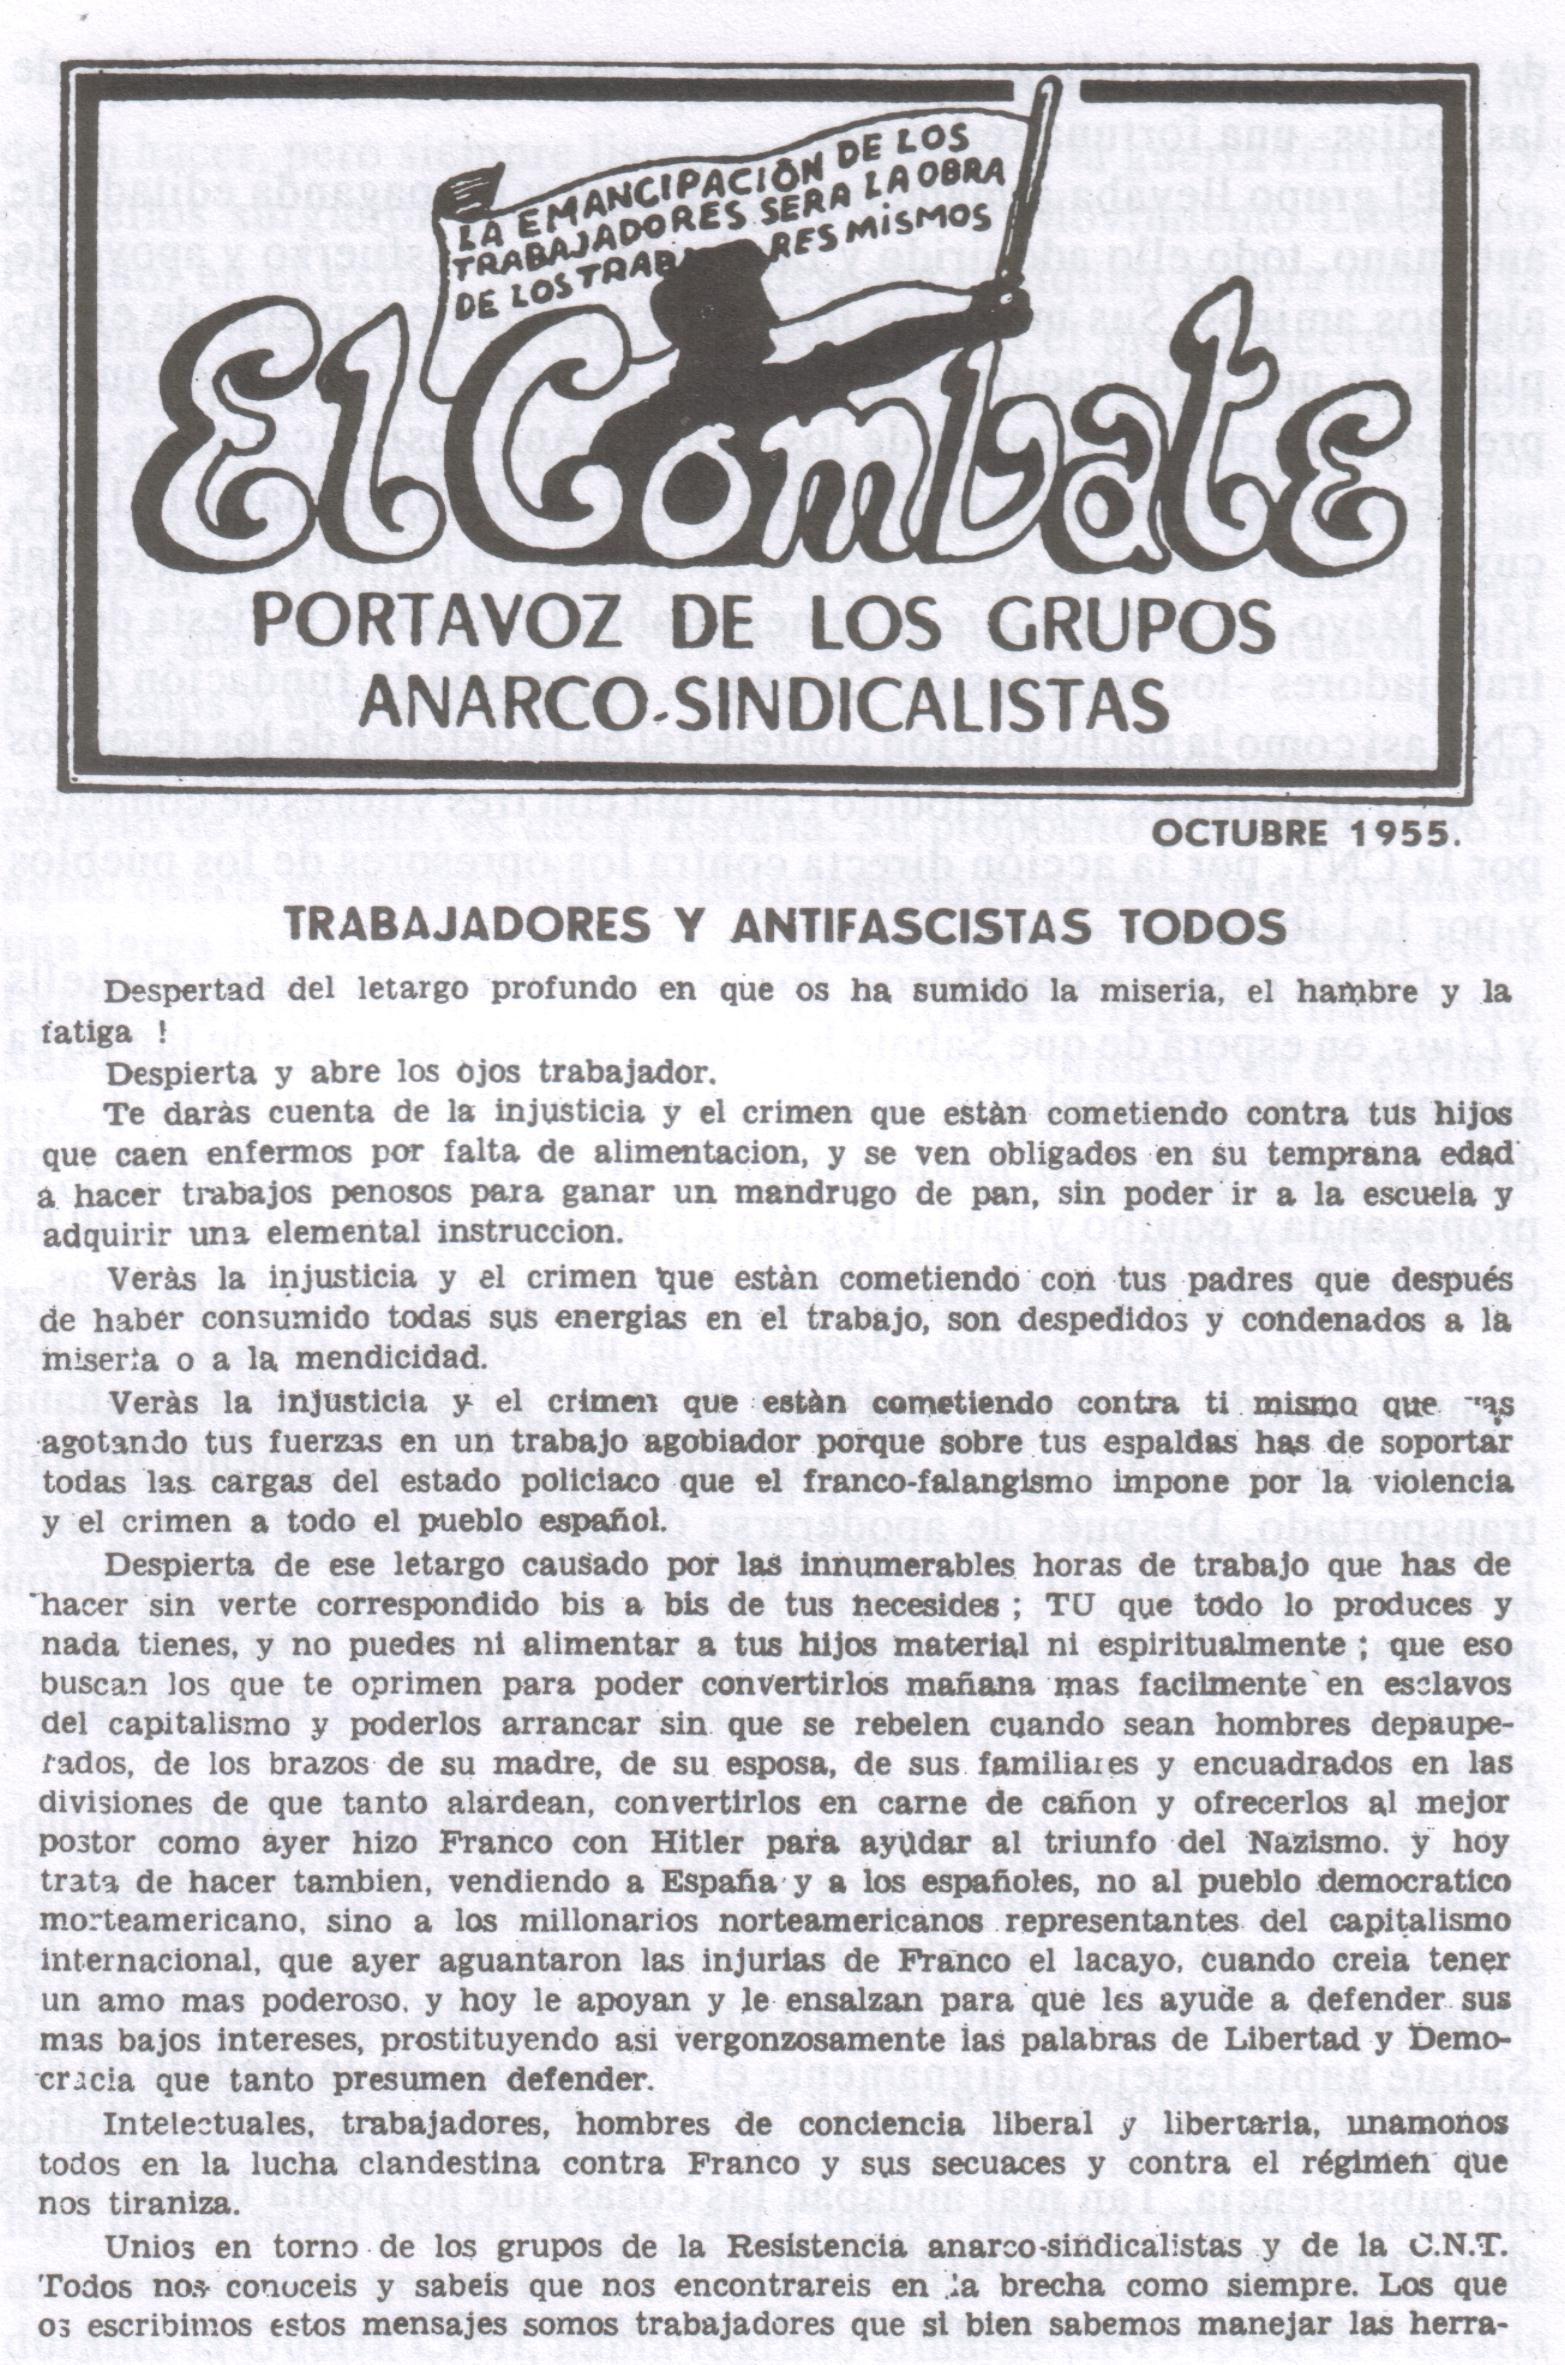 El Combate, órgano de los Grupos Anarco-Sindicalistas.(Octubre 1955)